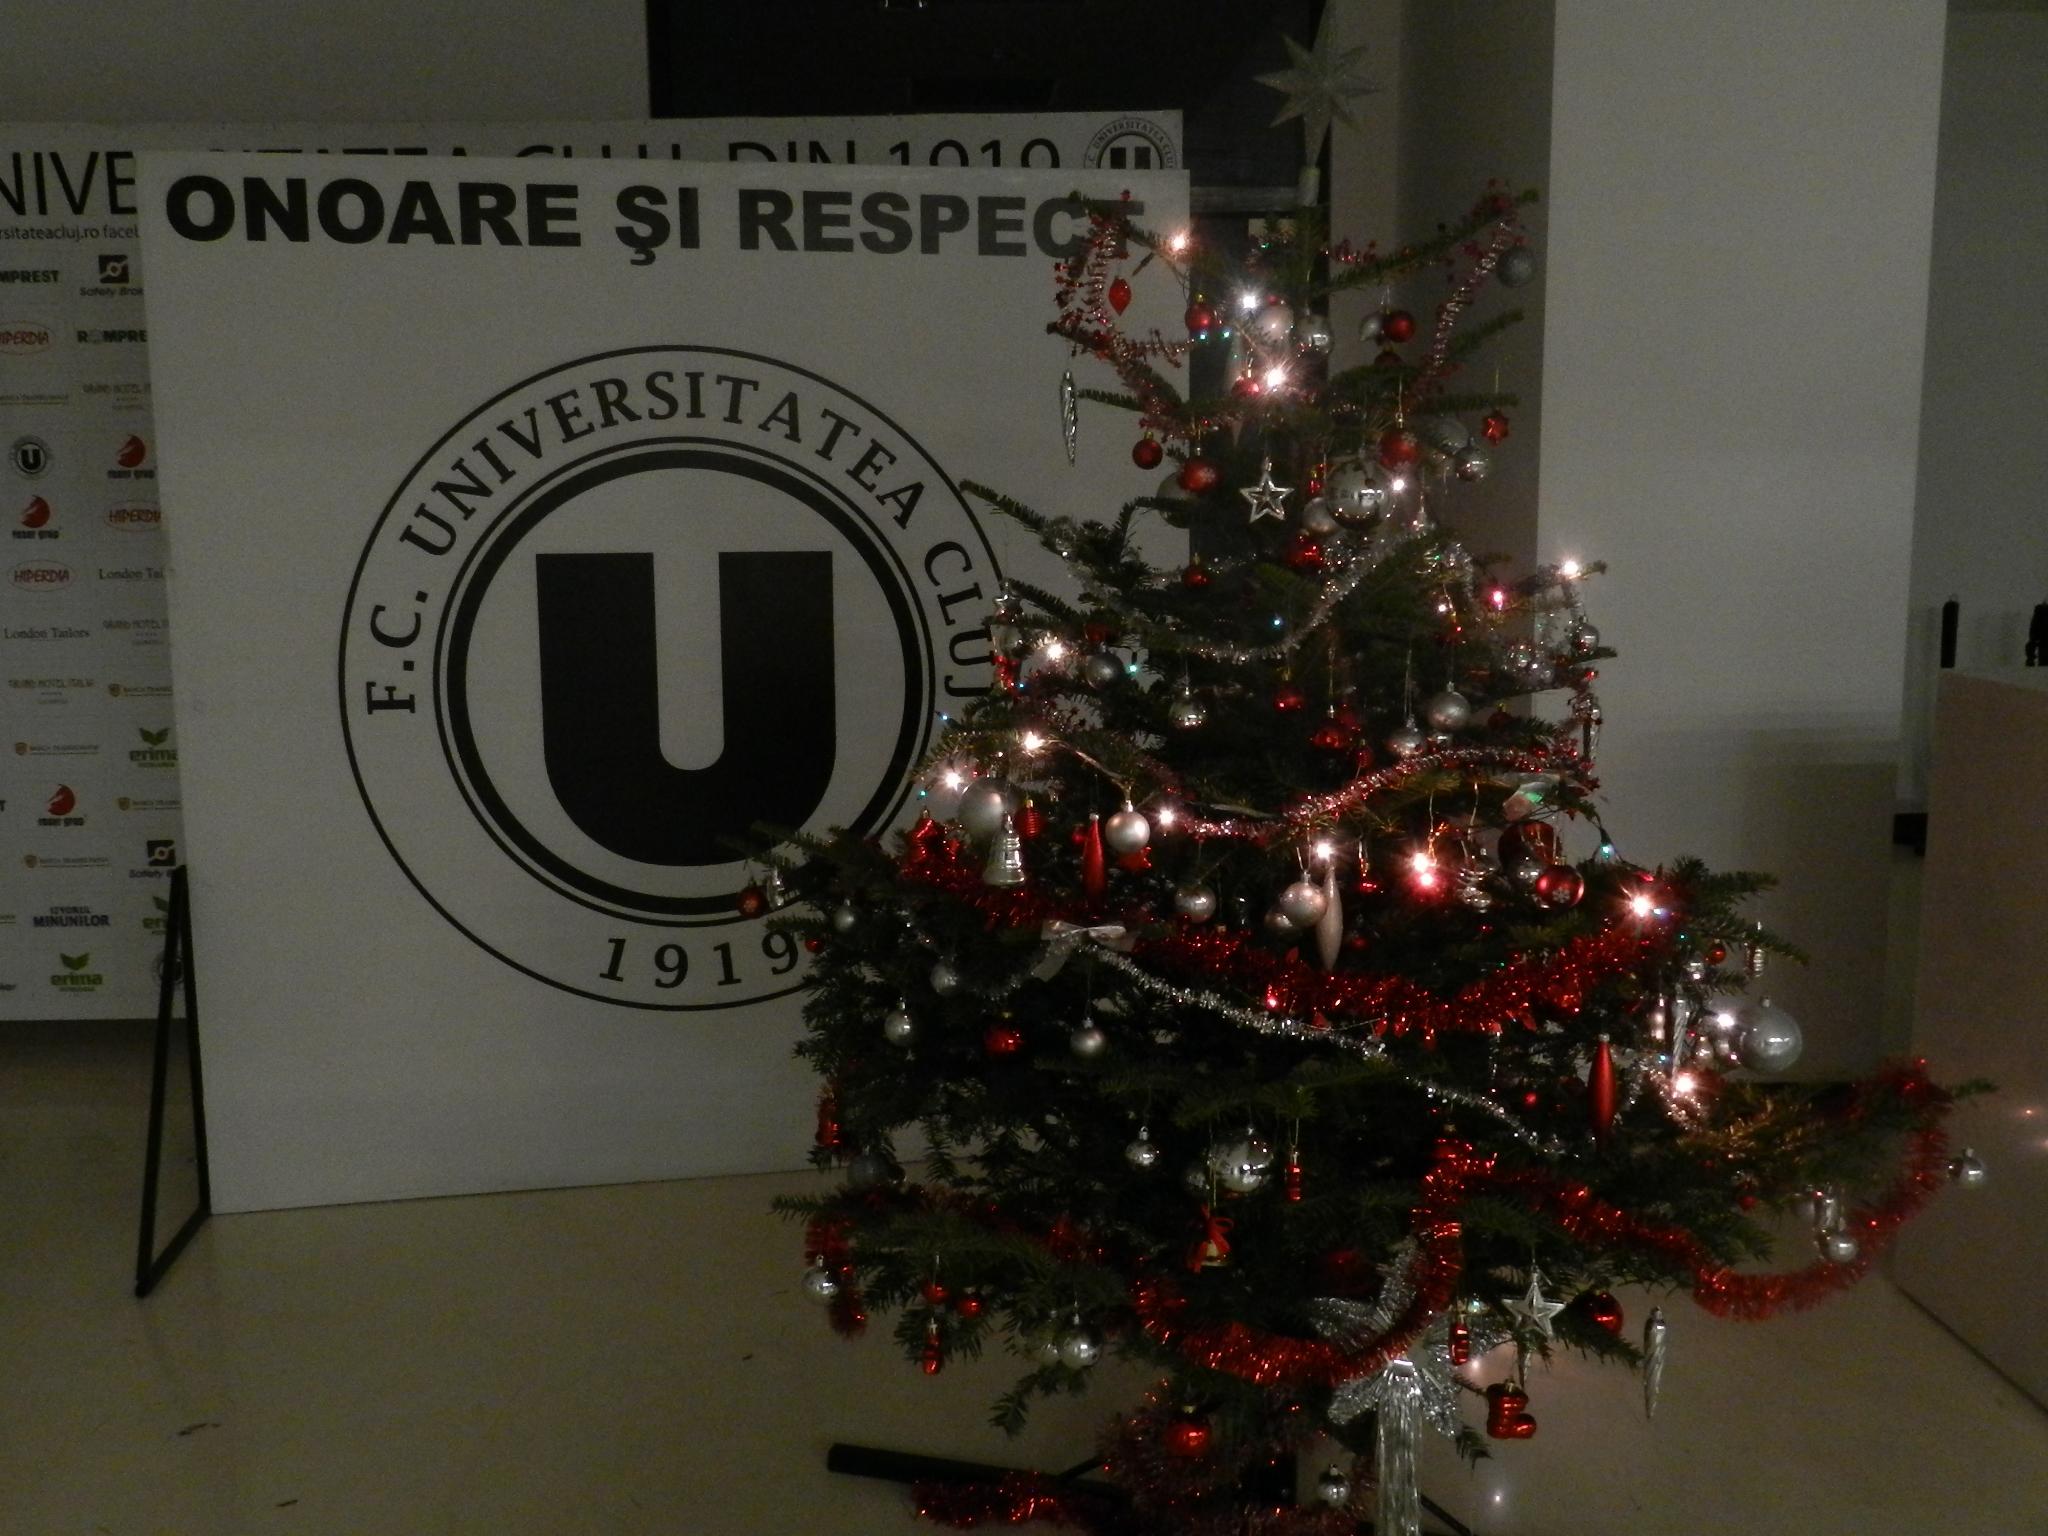 Povestea Crăciunului spusă de stranierii din lotul Universității Cluj